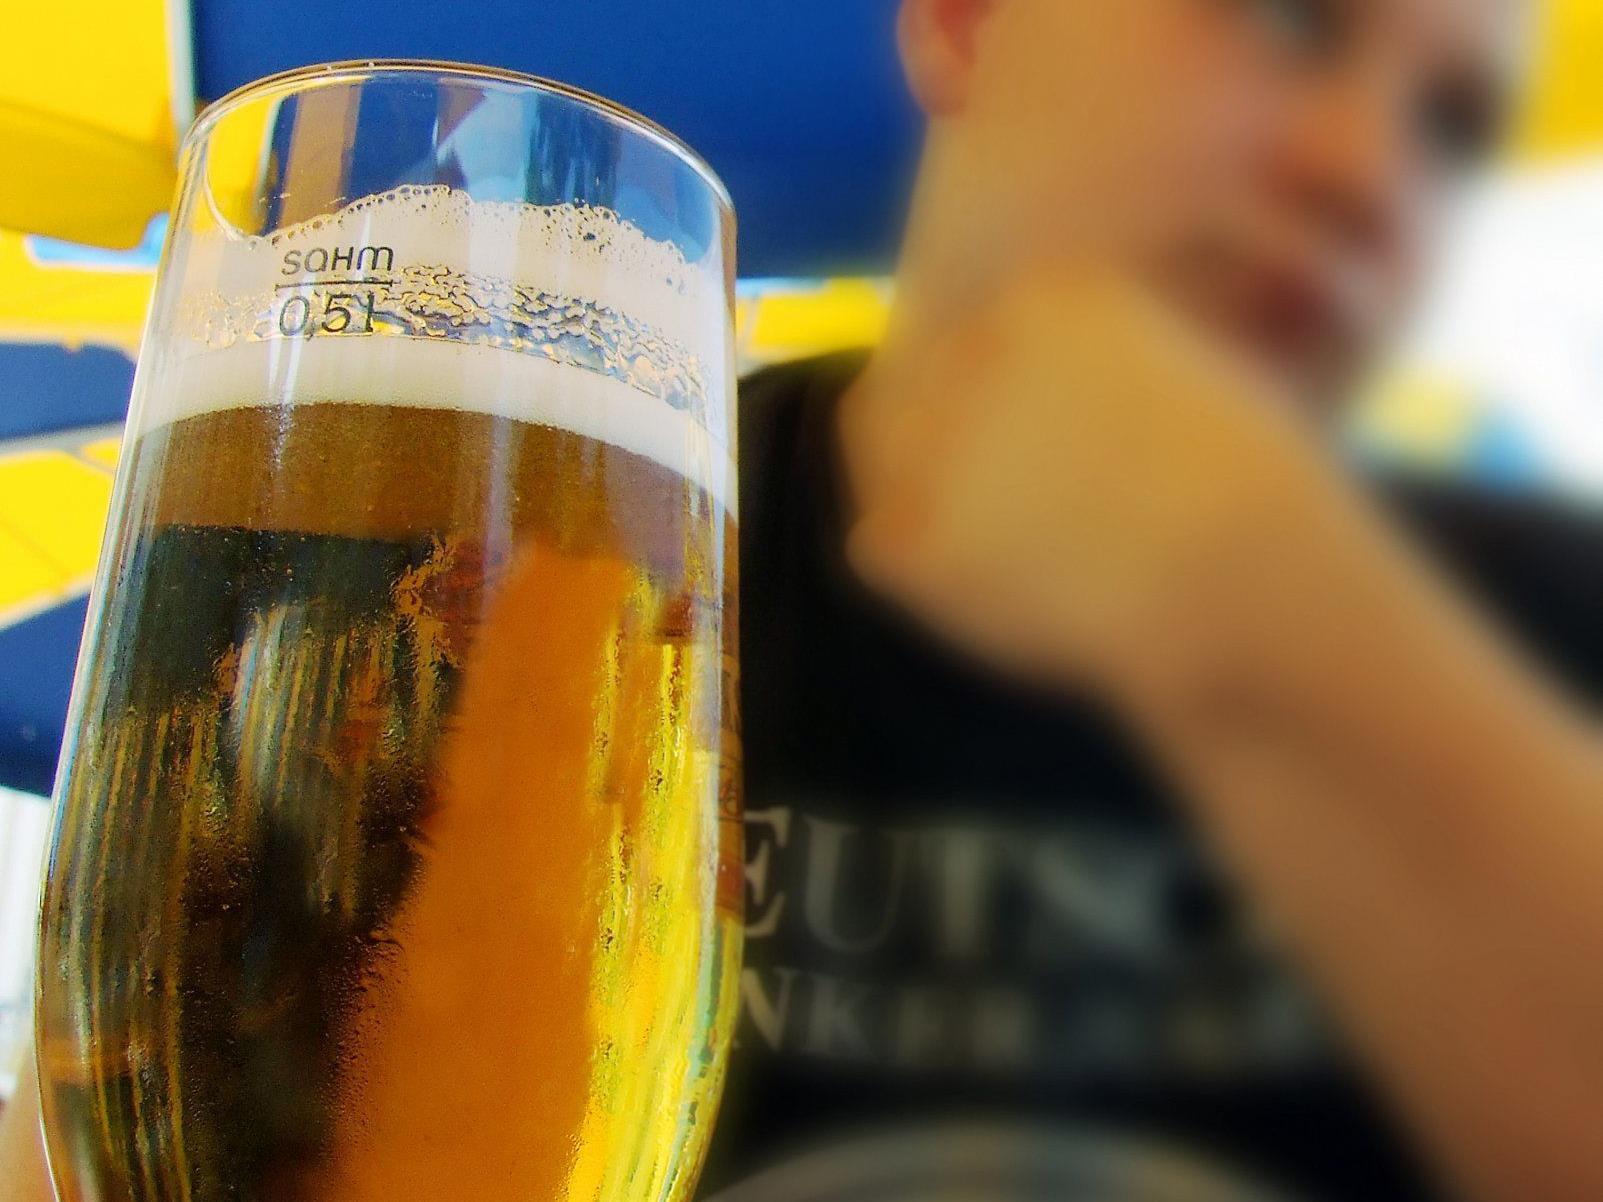 Unter schwerem Alkoholeinfluss kam es zum Streit mit Überfall in Favoriten